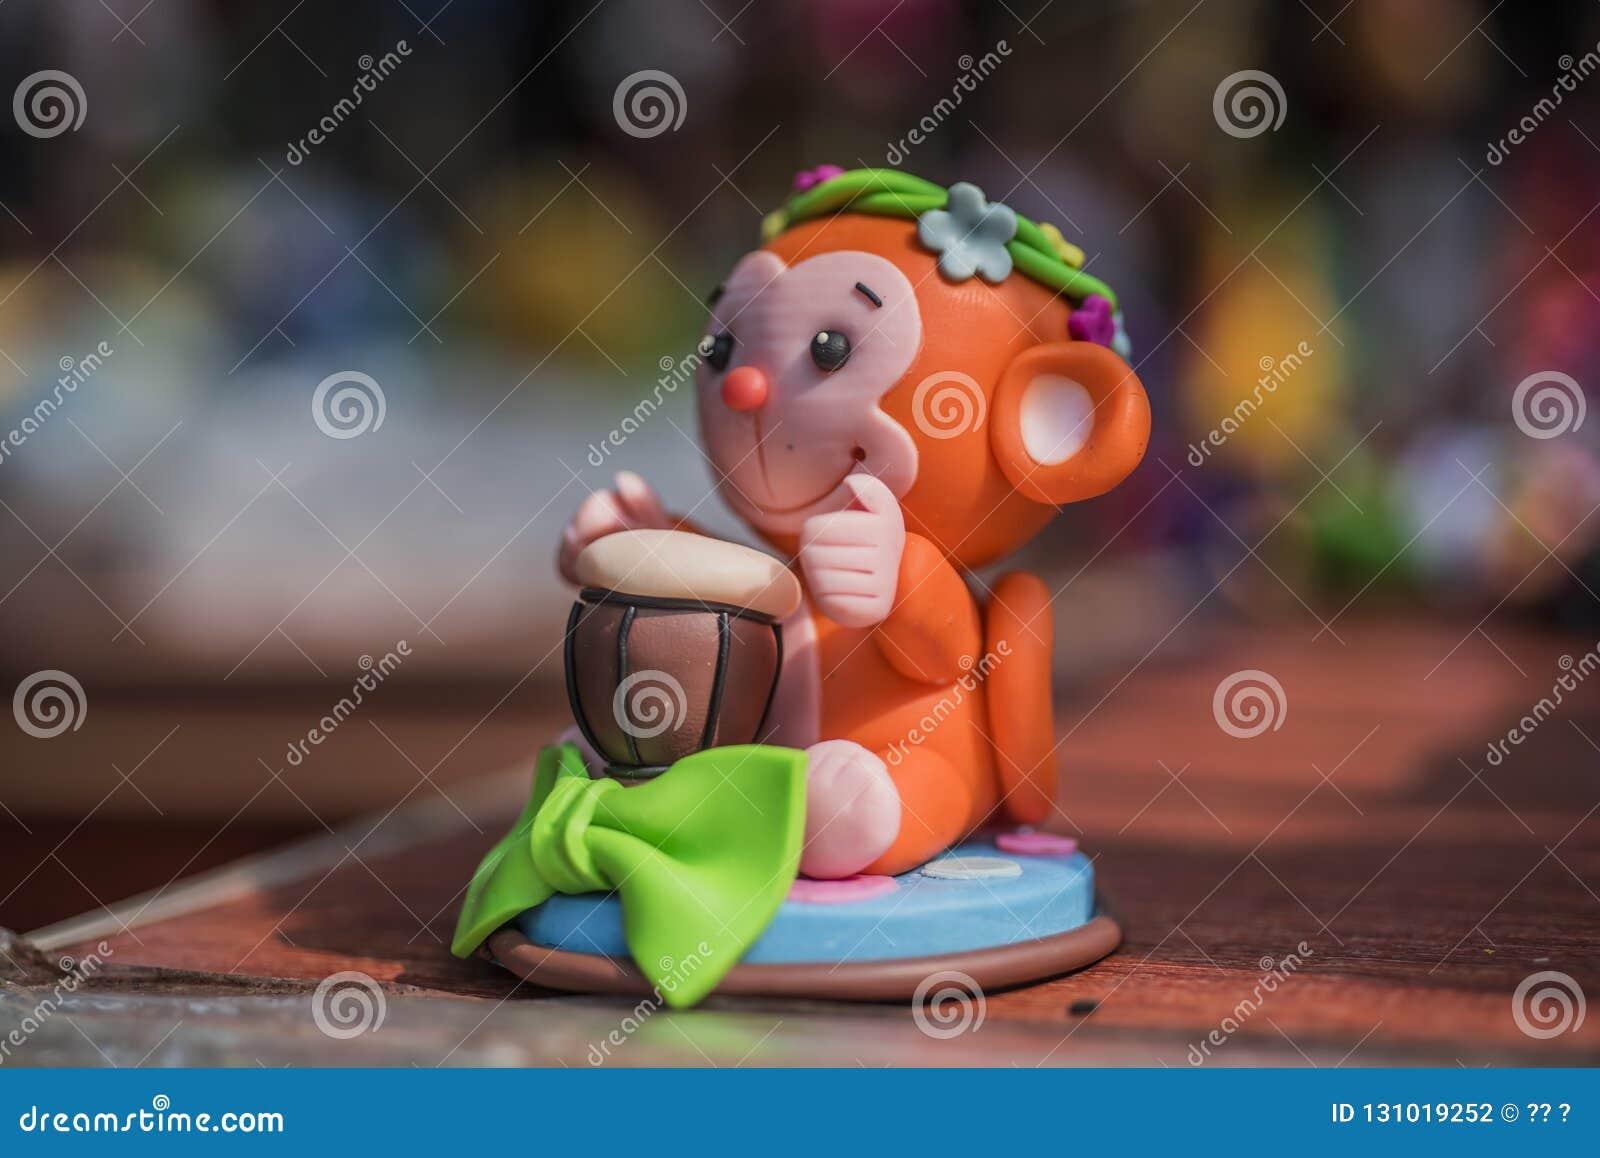 Scultura di argilla della scimmia rosso arancio che tamburella piccolo giocattolo